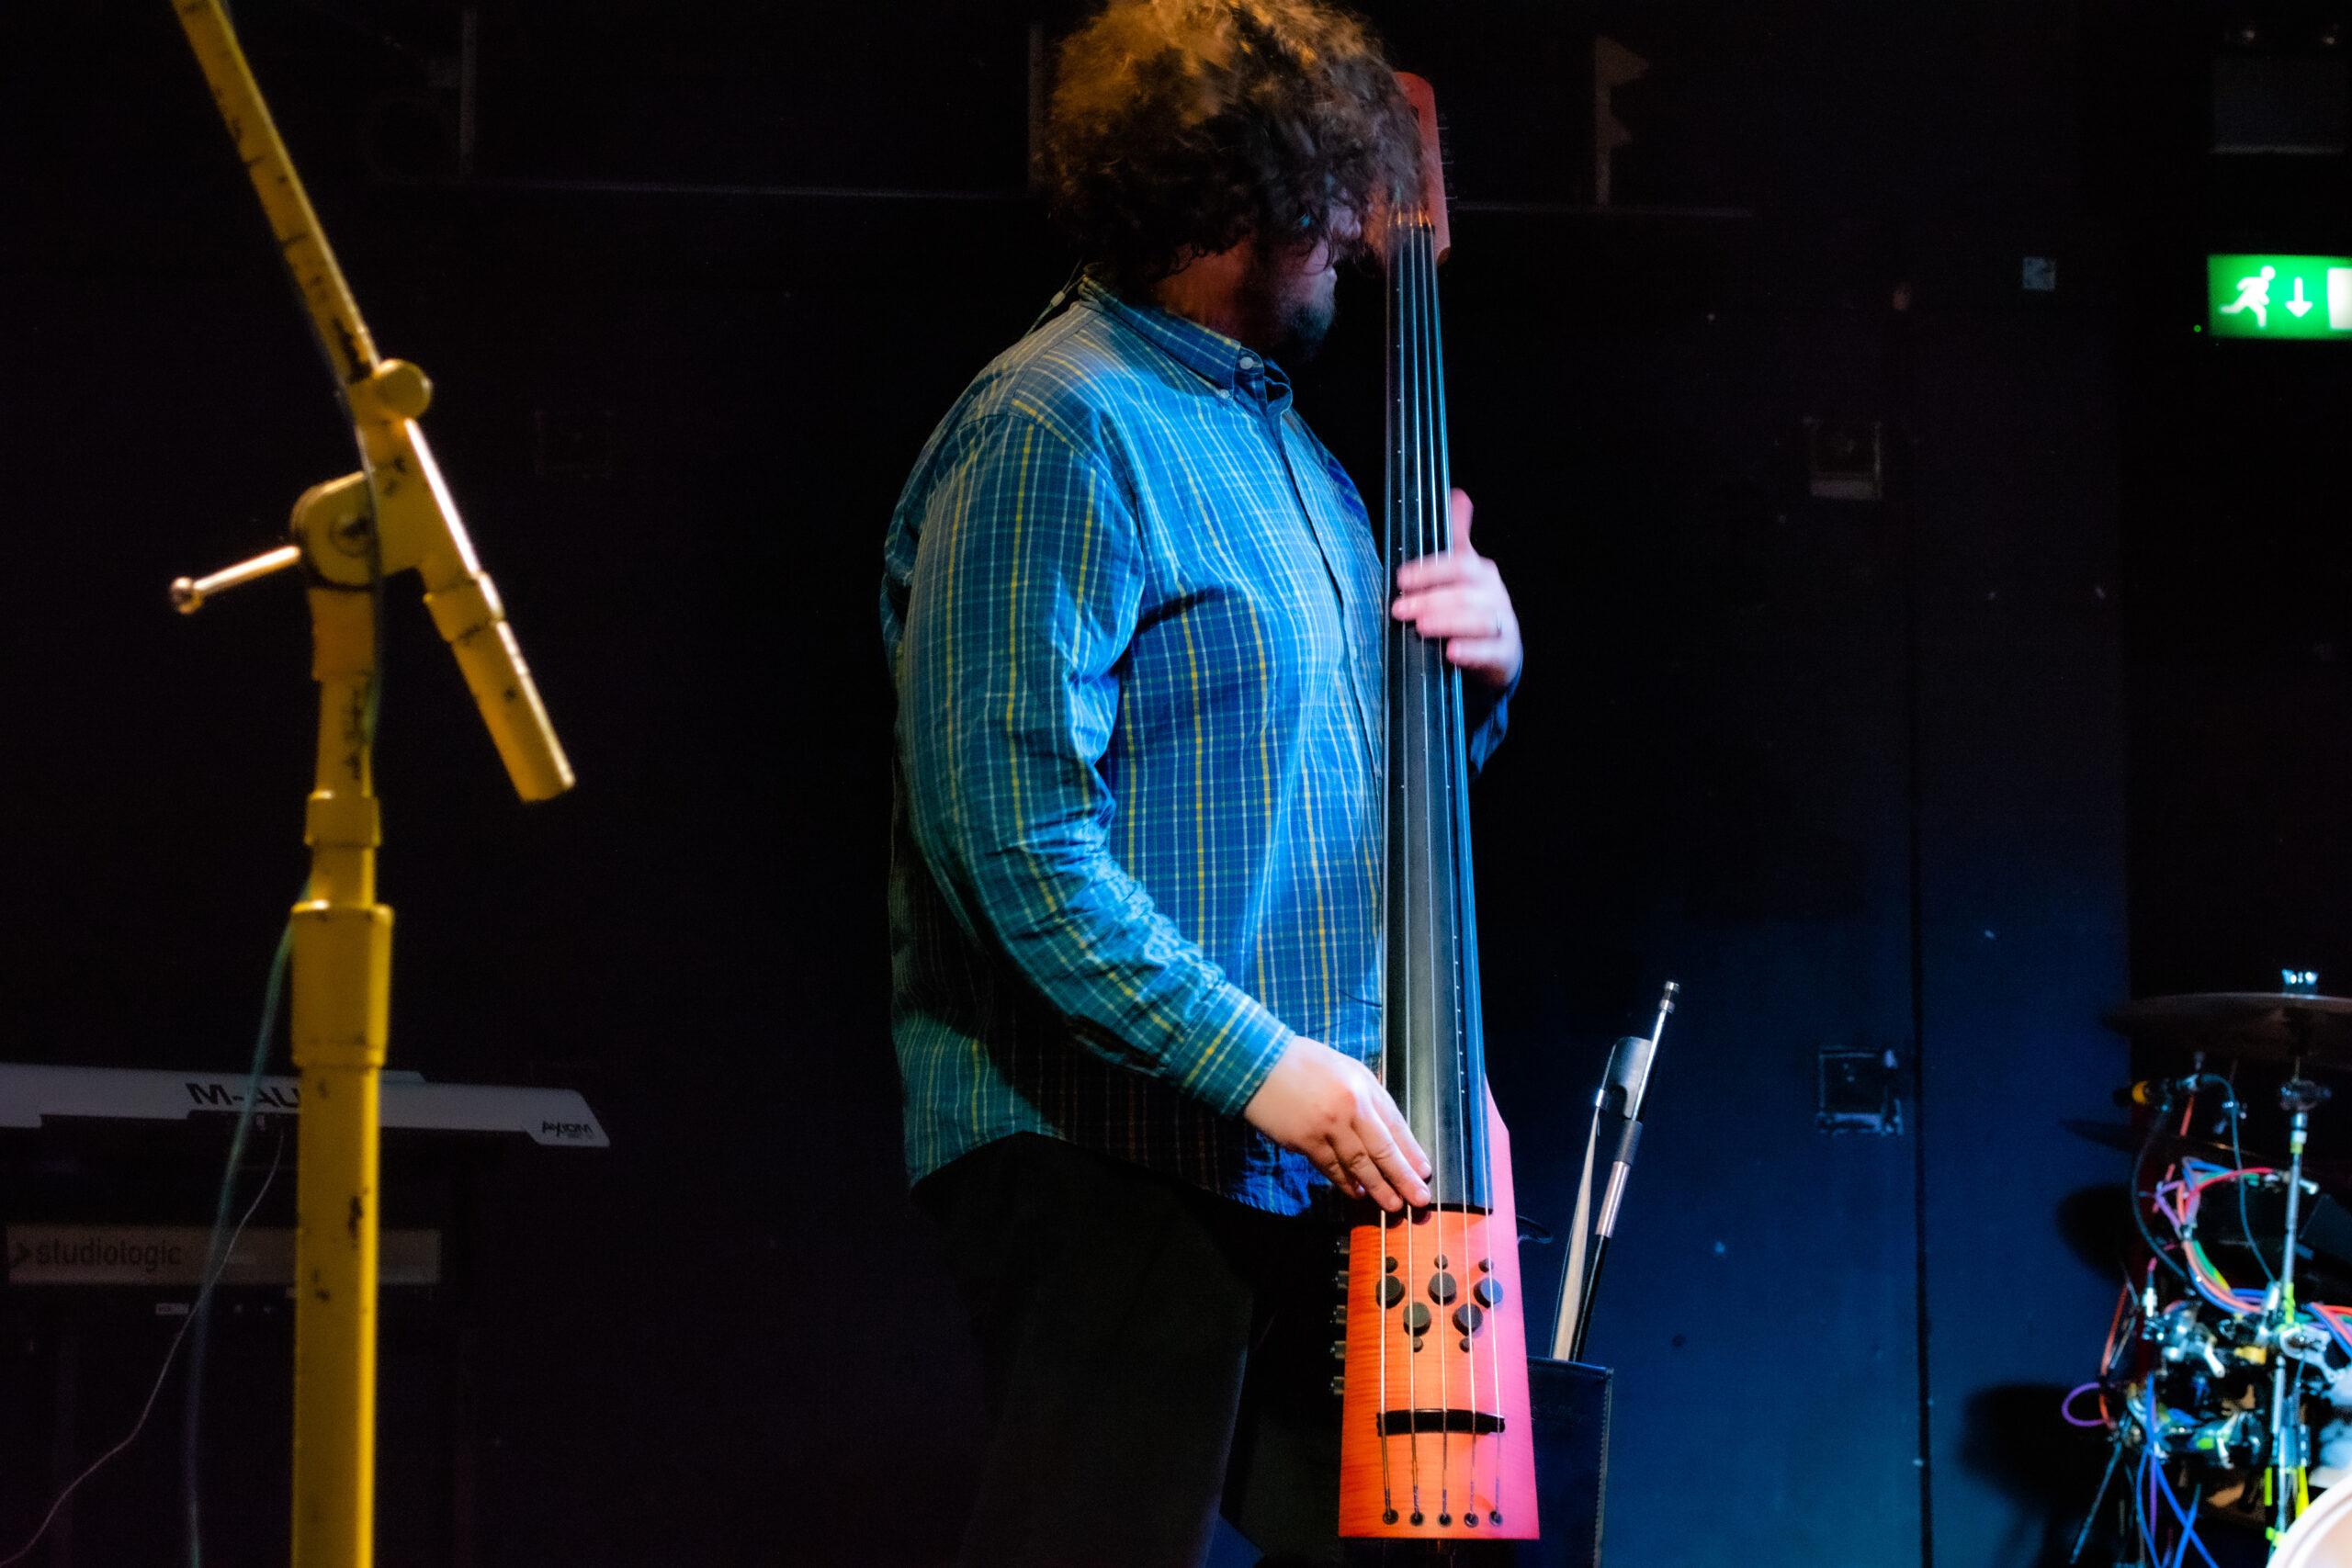 Matthew Milligan playing upright bass